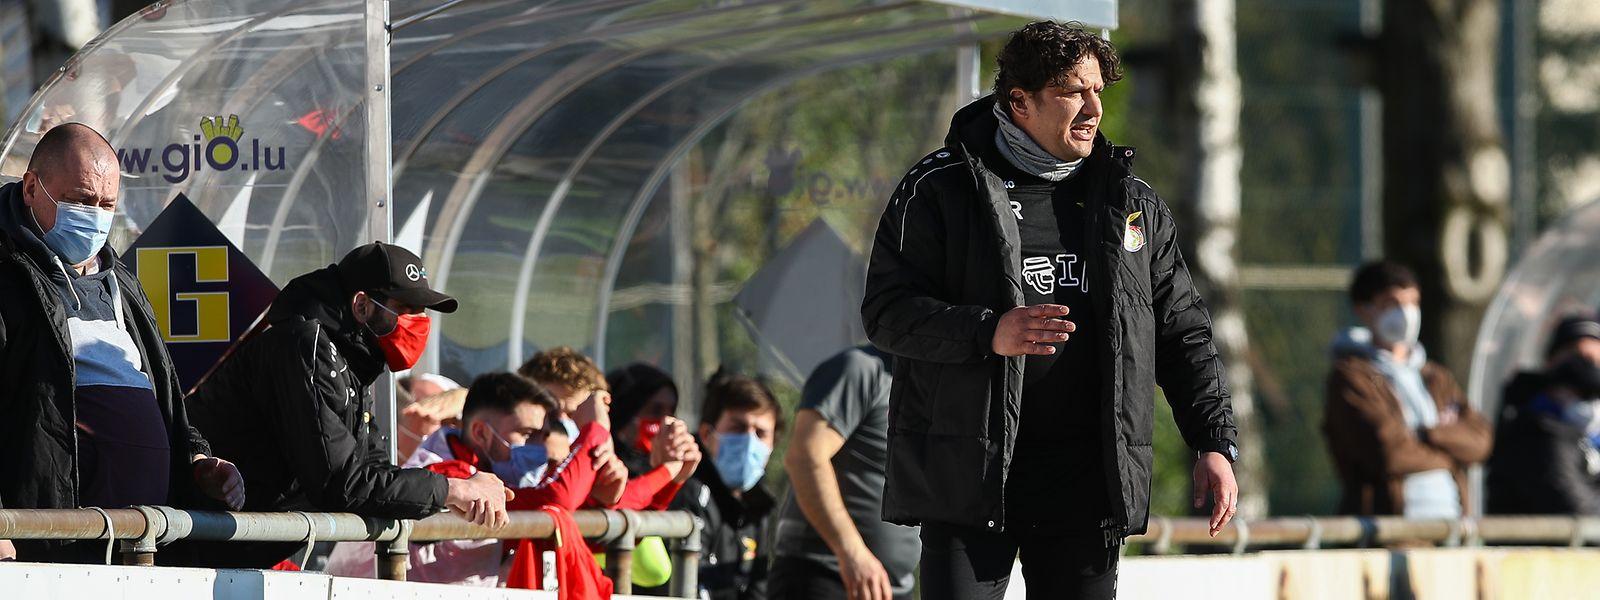 Trainer Pedro Resende und sein Team erleben eine schwierige Zeit.